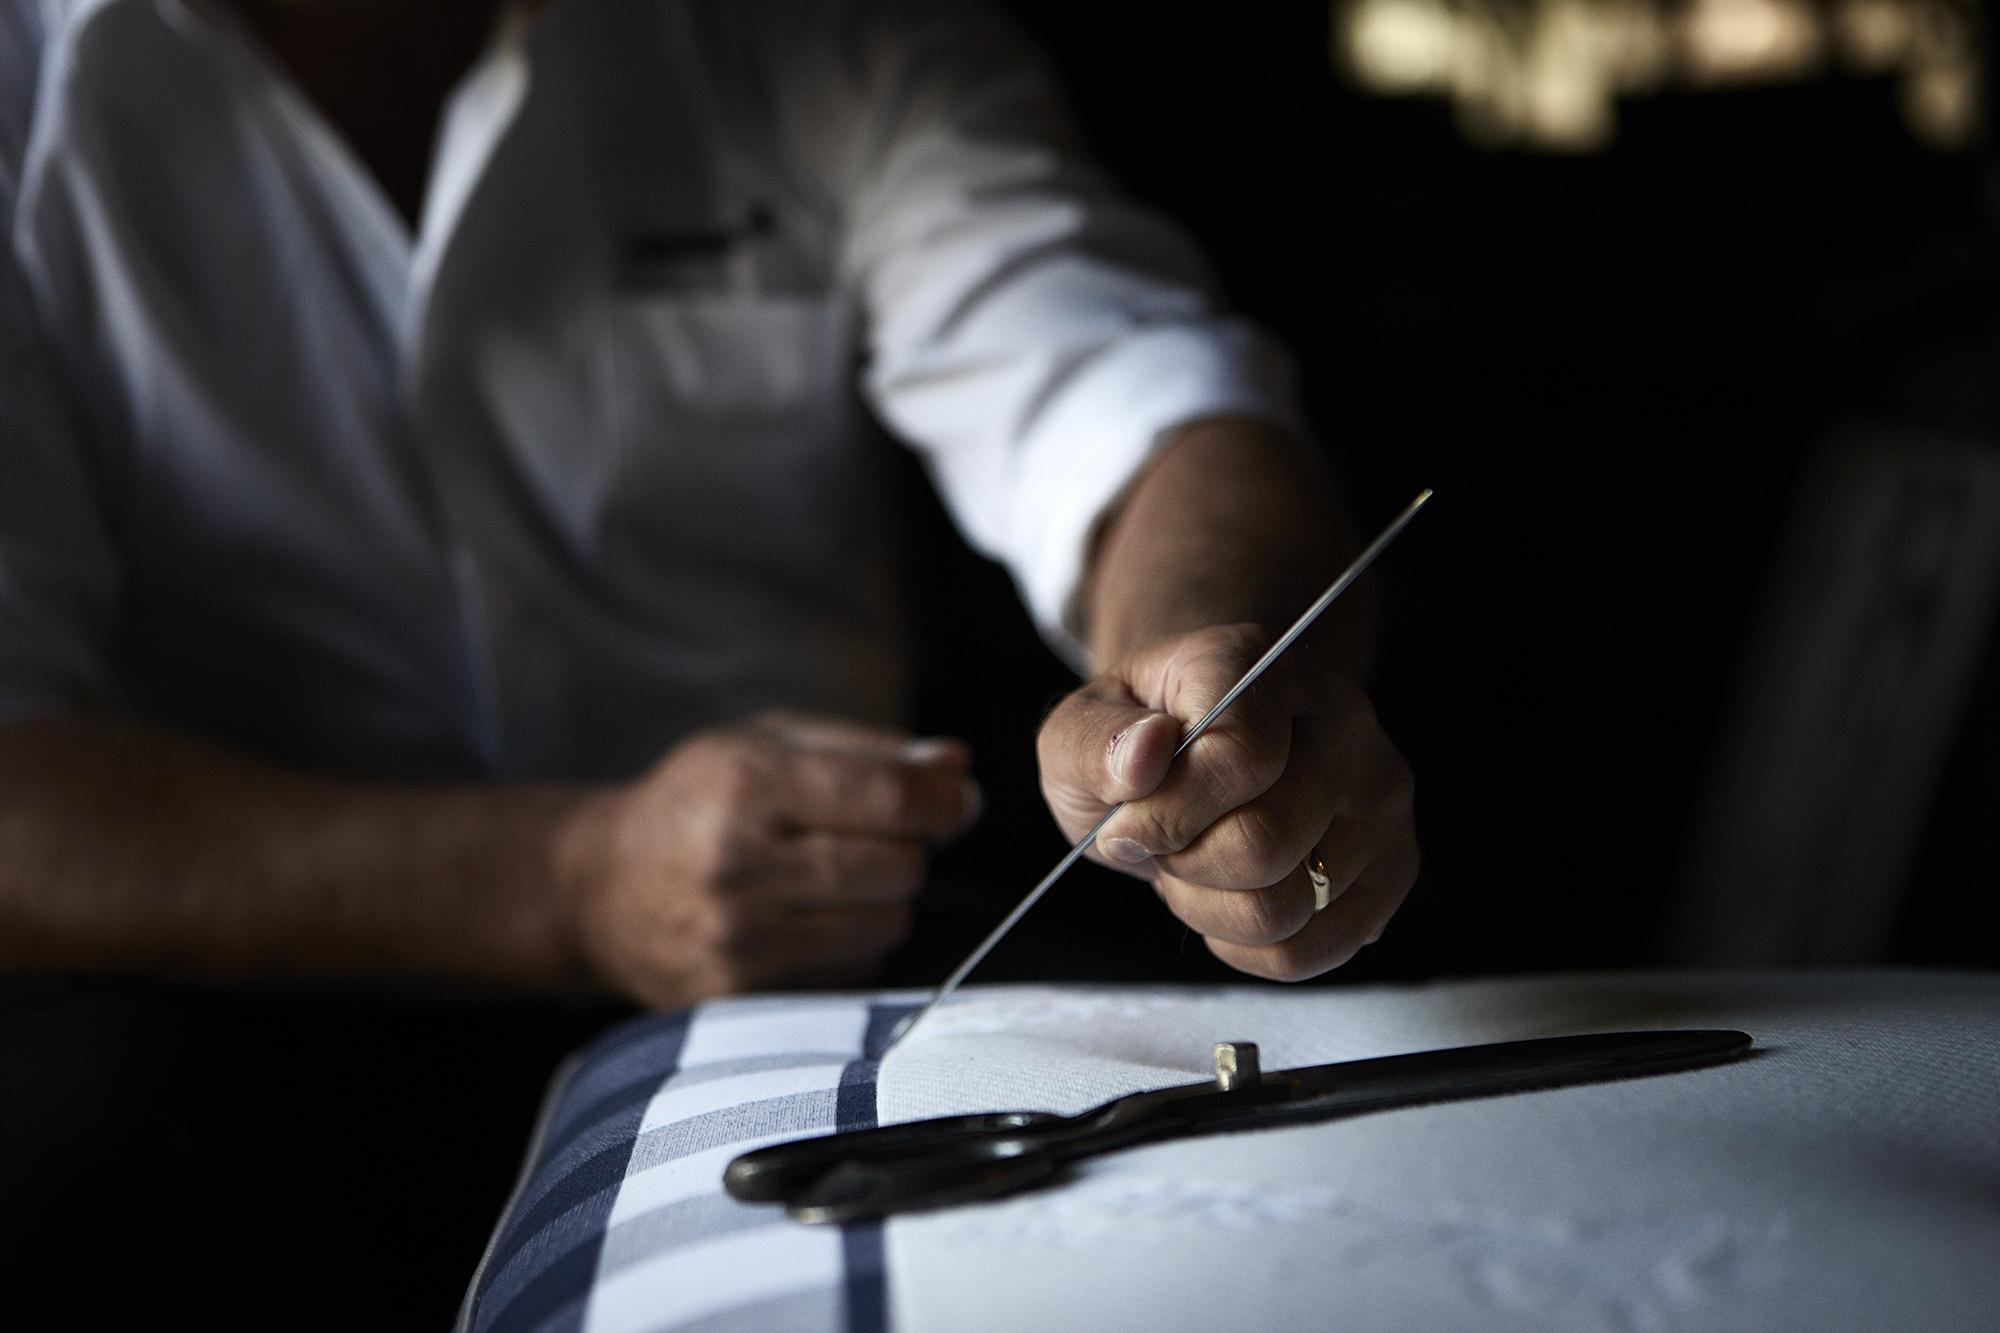 HANDWERK - Unsere Betten sind nichts ohne das Handwerk, und das Handwerk ist nur so gut wie diejenigen, die es praktizieren. Die Handwerker von Hästens verwenden traditionelle Techniken, die von Generation zu Generation weitergegeben werden, um jedem Bett eine Seele und einen eigenen Charakter zu geben.